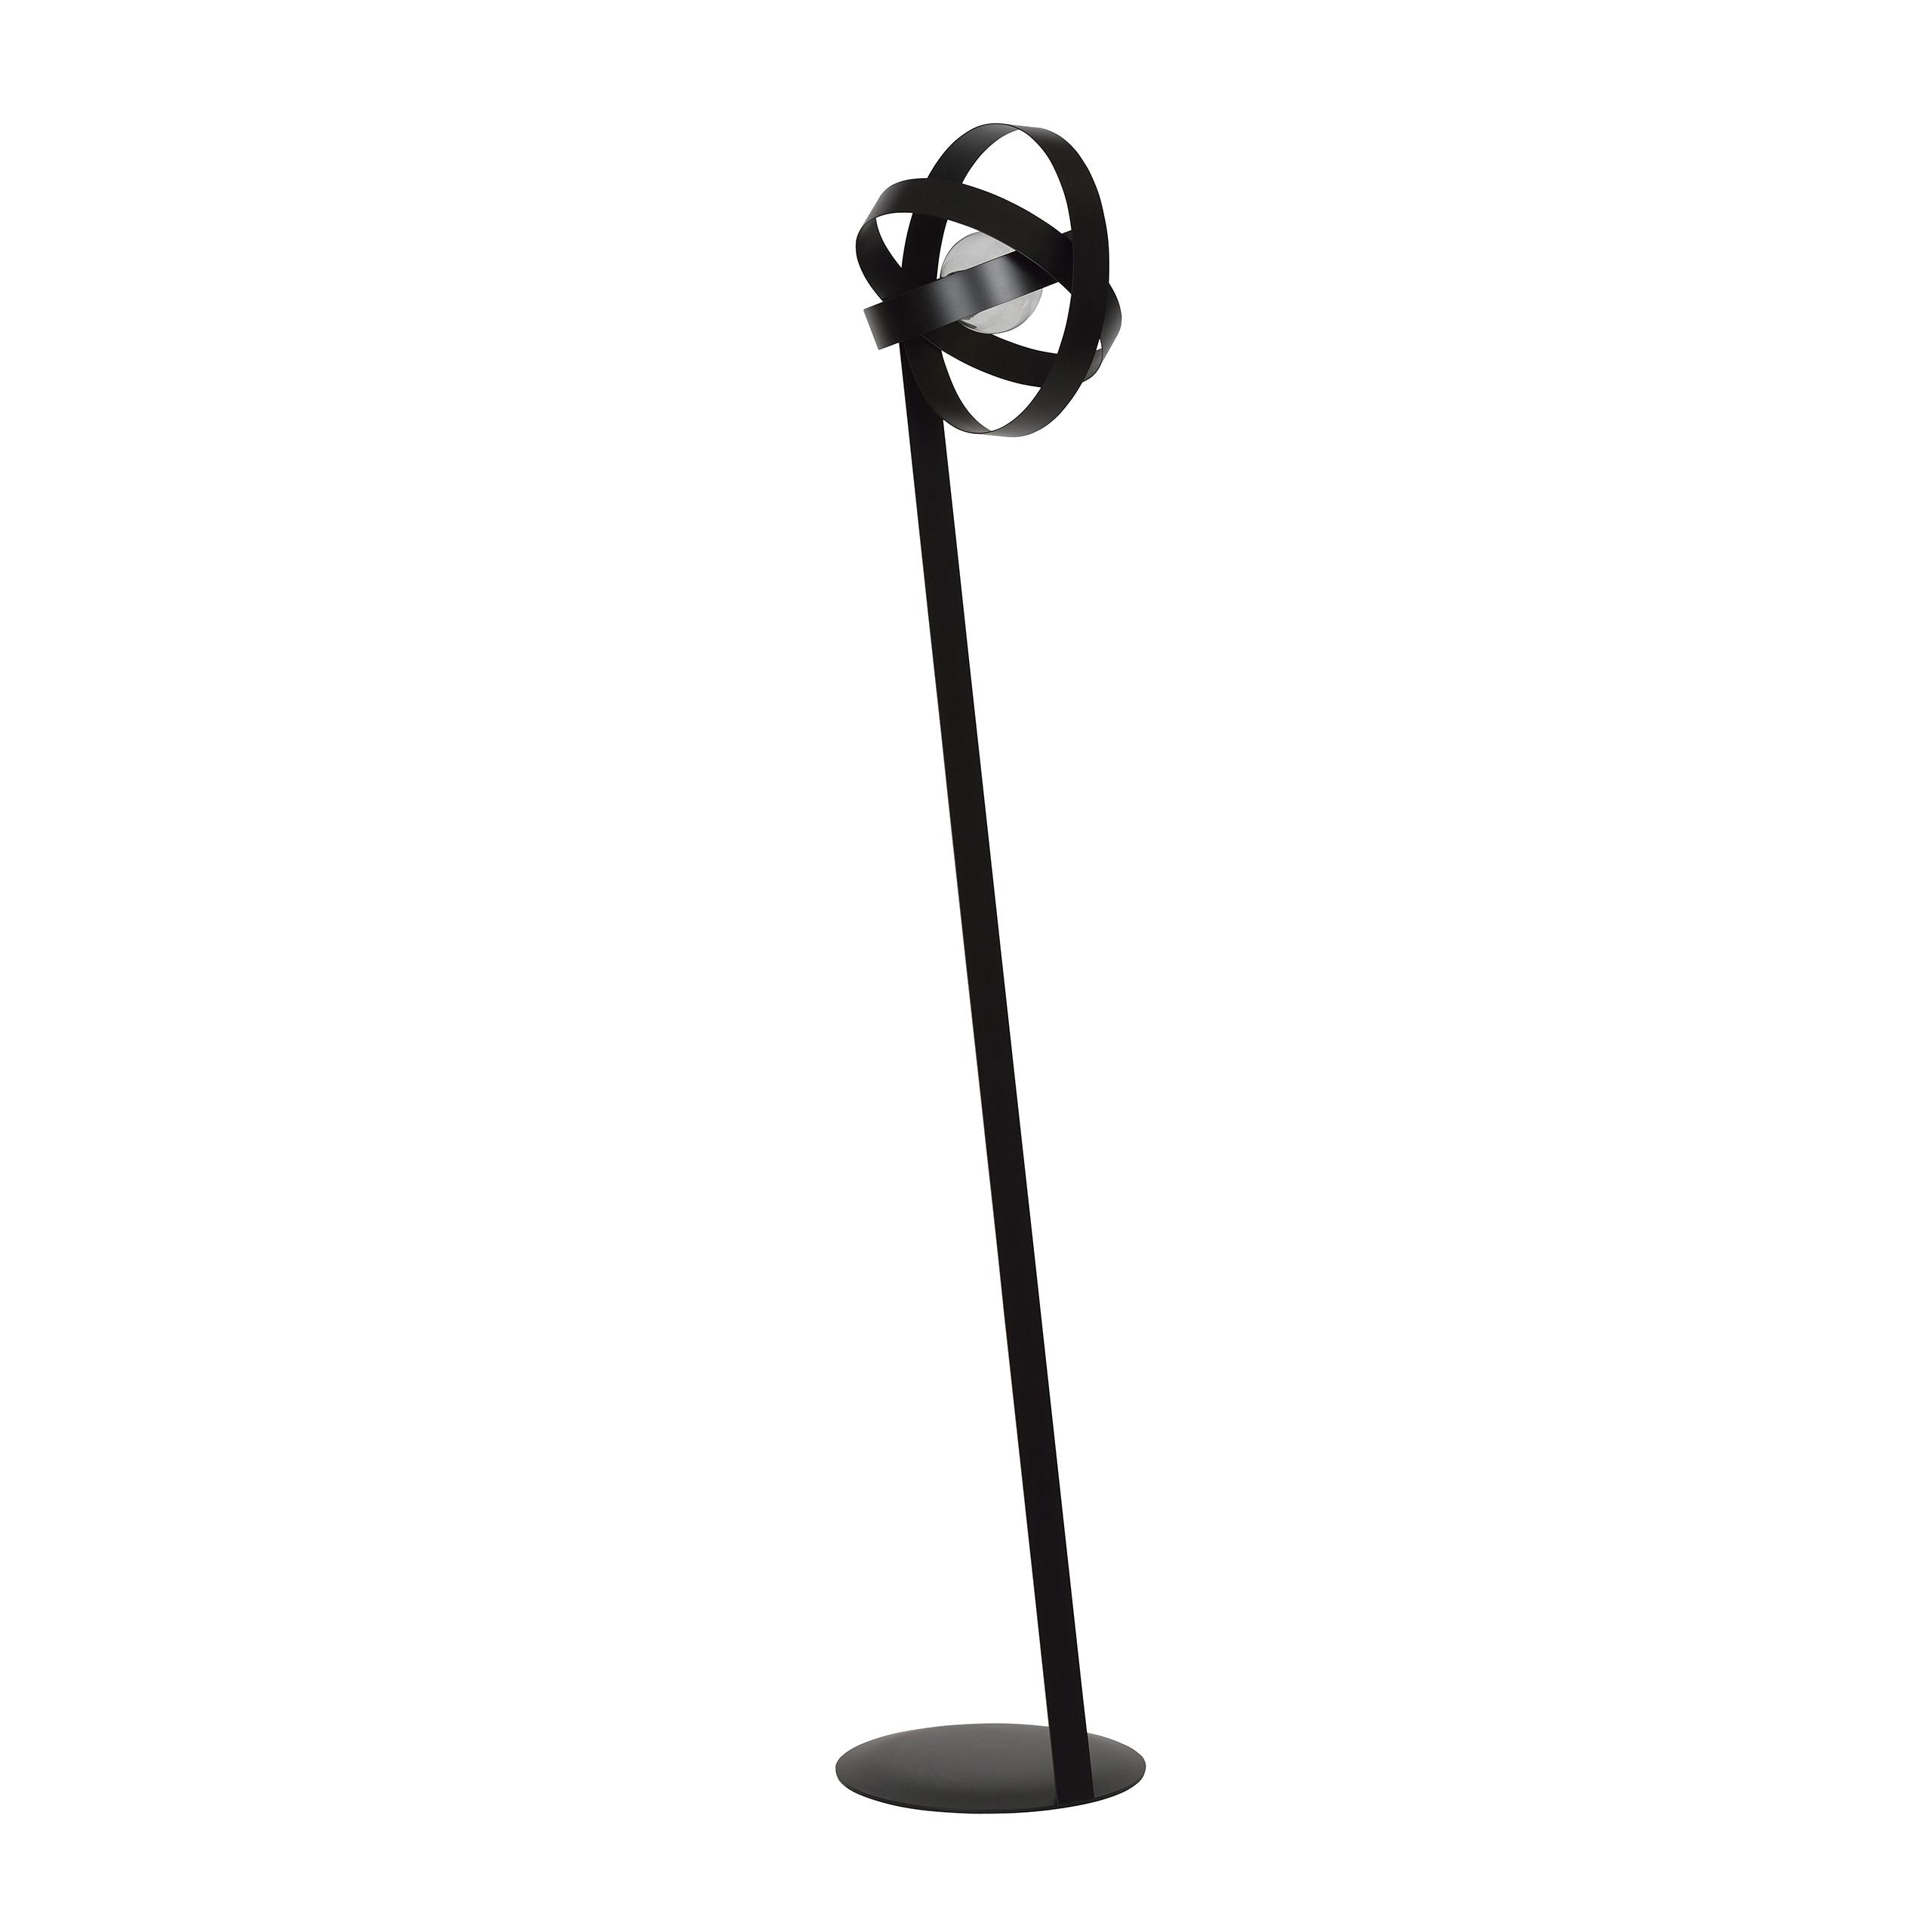 Stehlampe Schwarz Design Schirm Metall Wohnzimmer